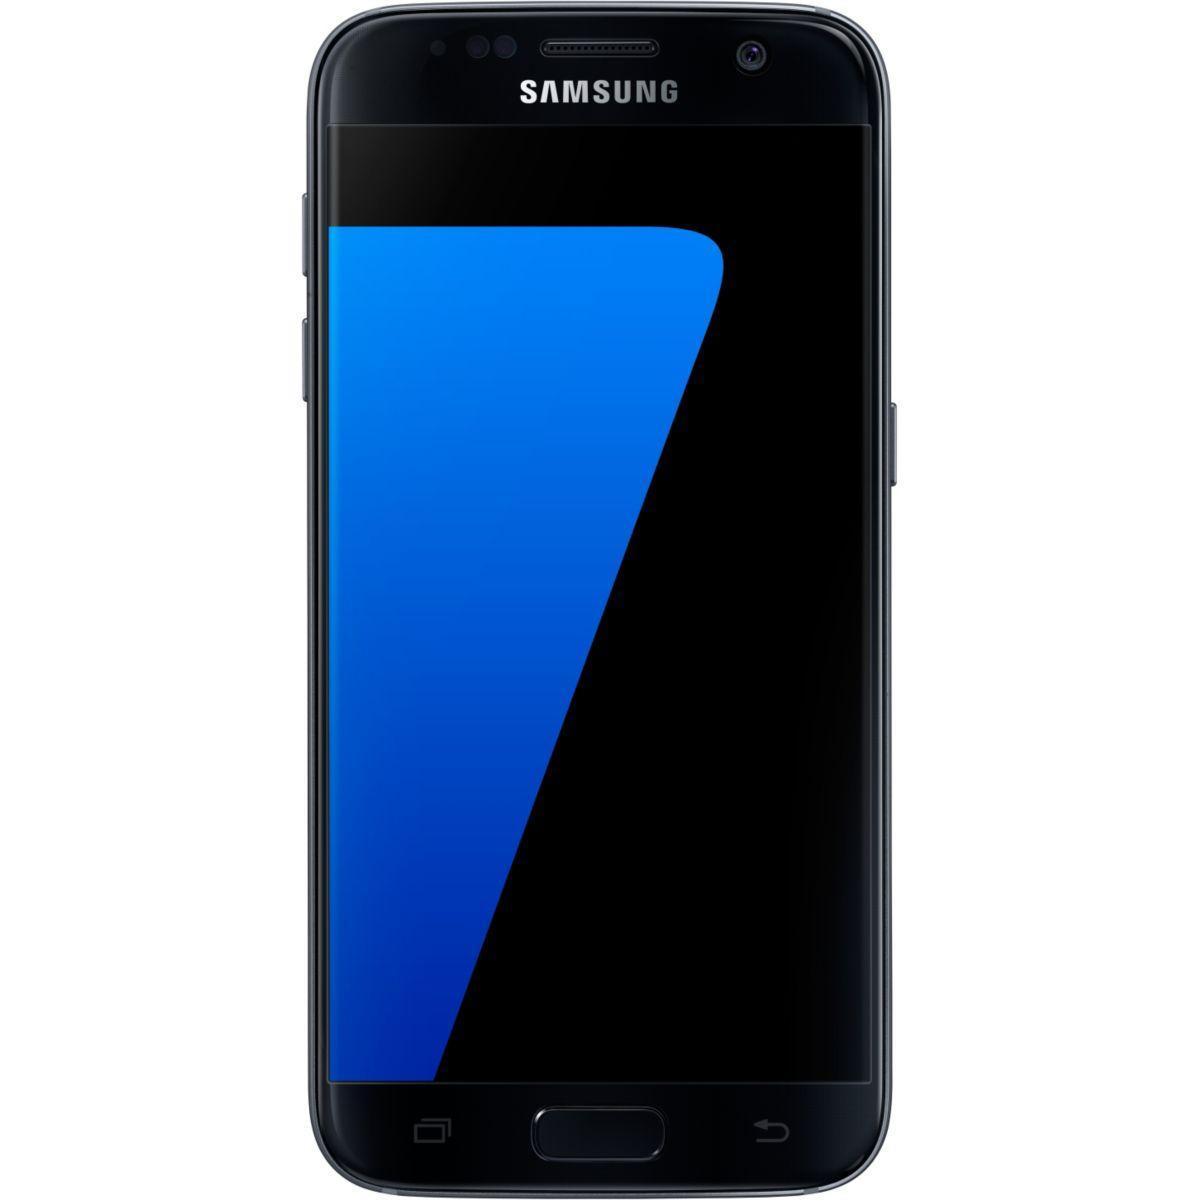 Pack promo smartphone samsung galaxy s7 32 go noir + coque samsung keyboard s7 noir - soldes et bonnes affaires à prix imbattables